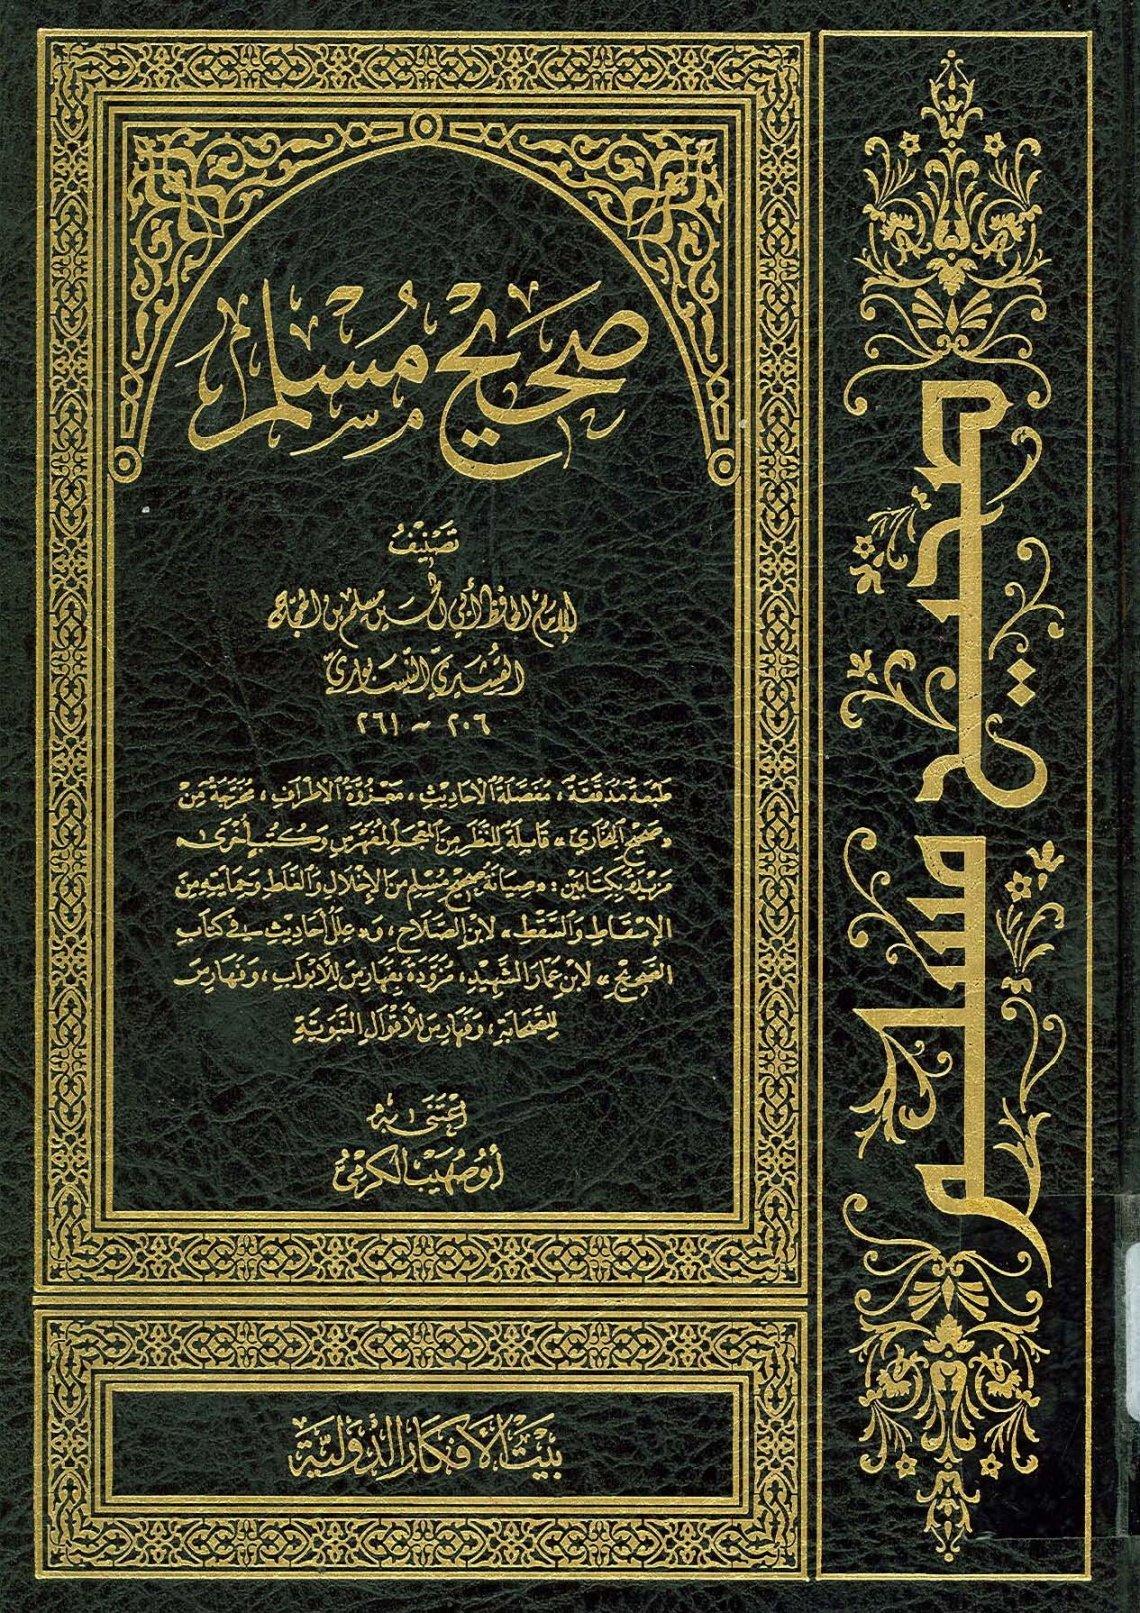 الرد الملجم على صحيح مسلم (الجزء الثالث)